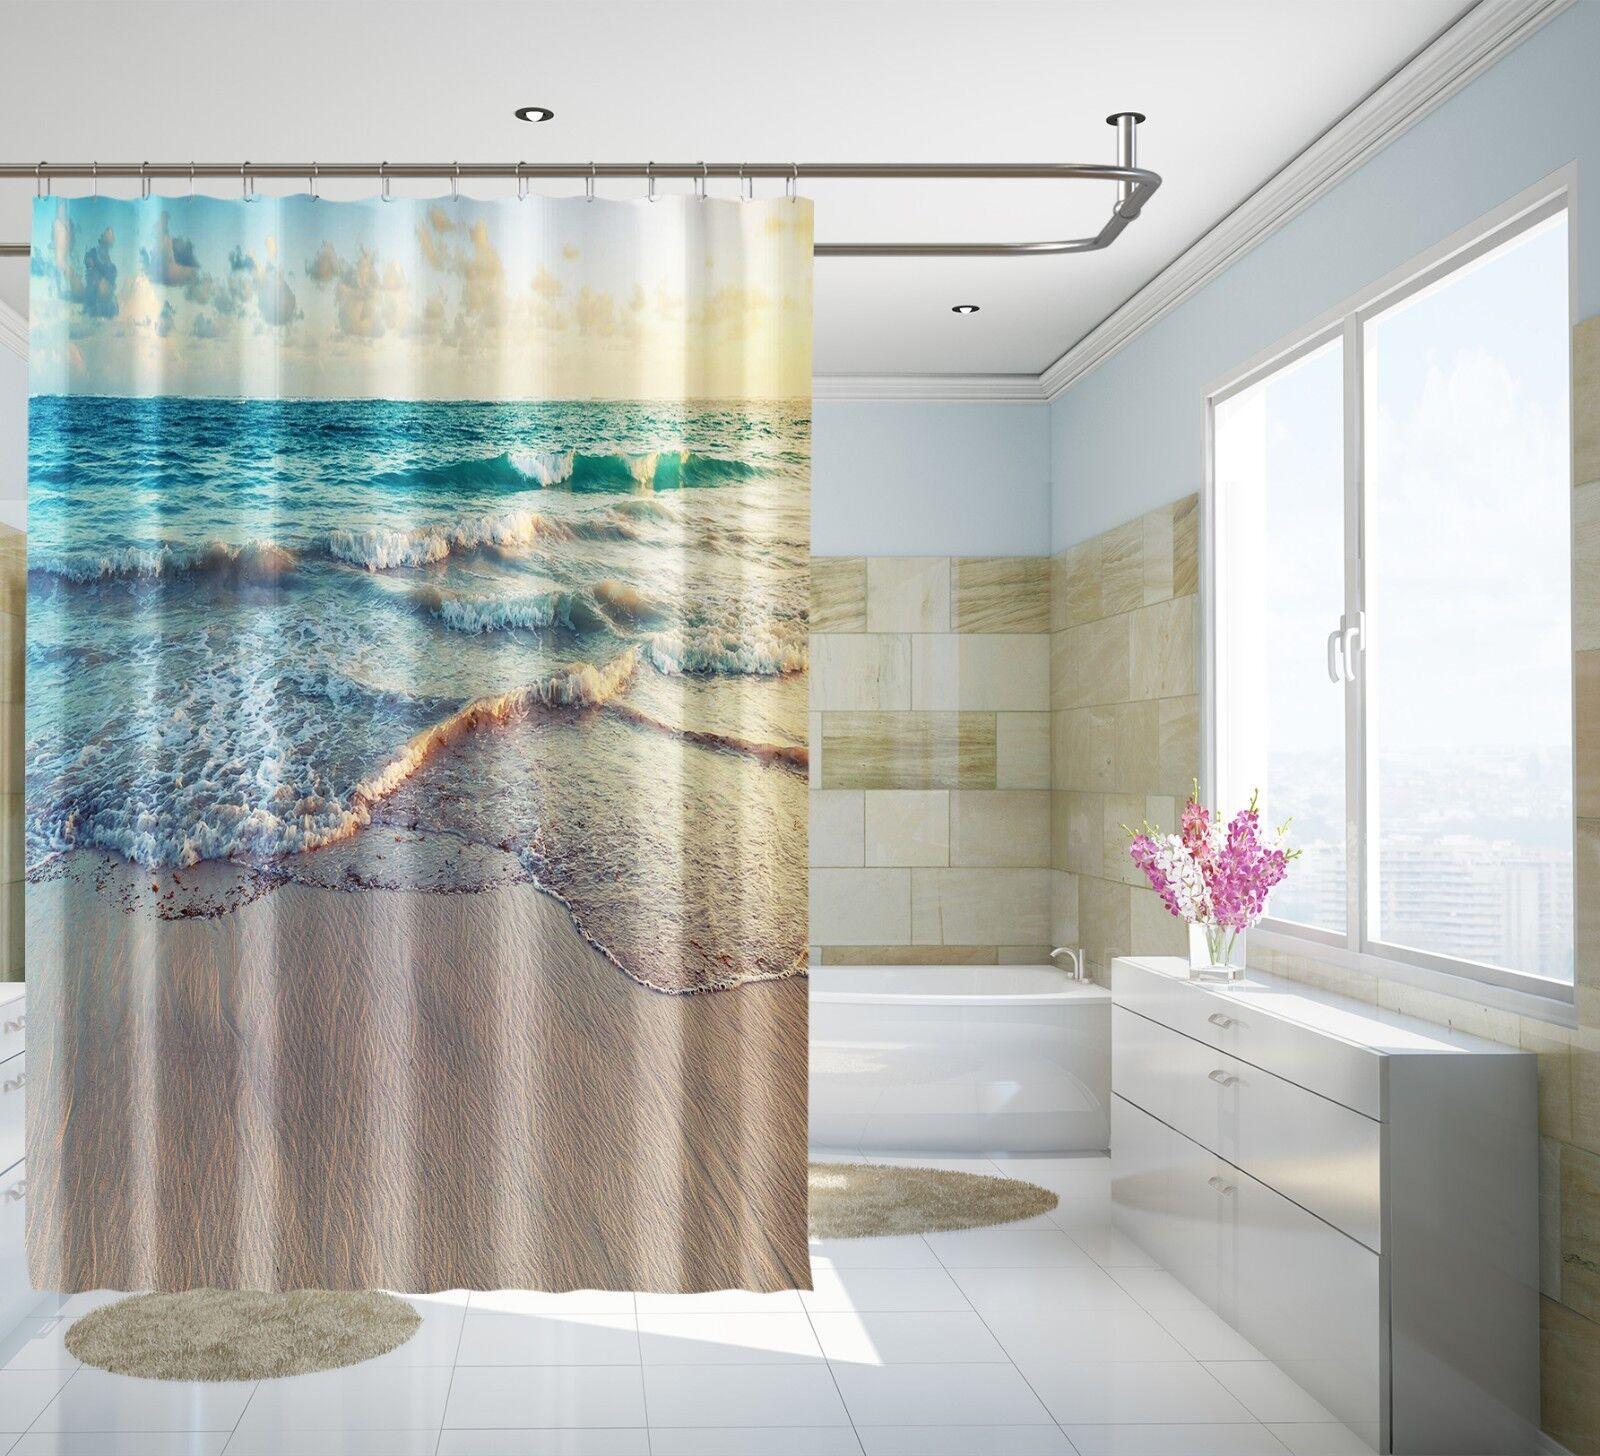 3D Meer Strand 27 Duschvorhang Wasserdicht Faser Bad Daheim Windows Toilette DE | Um Eine Hohe Bewunderung Gewinnen Und Ist Weit Verbreitet Trusted In-und